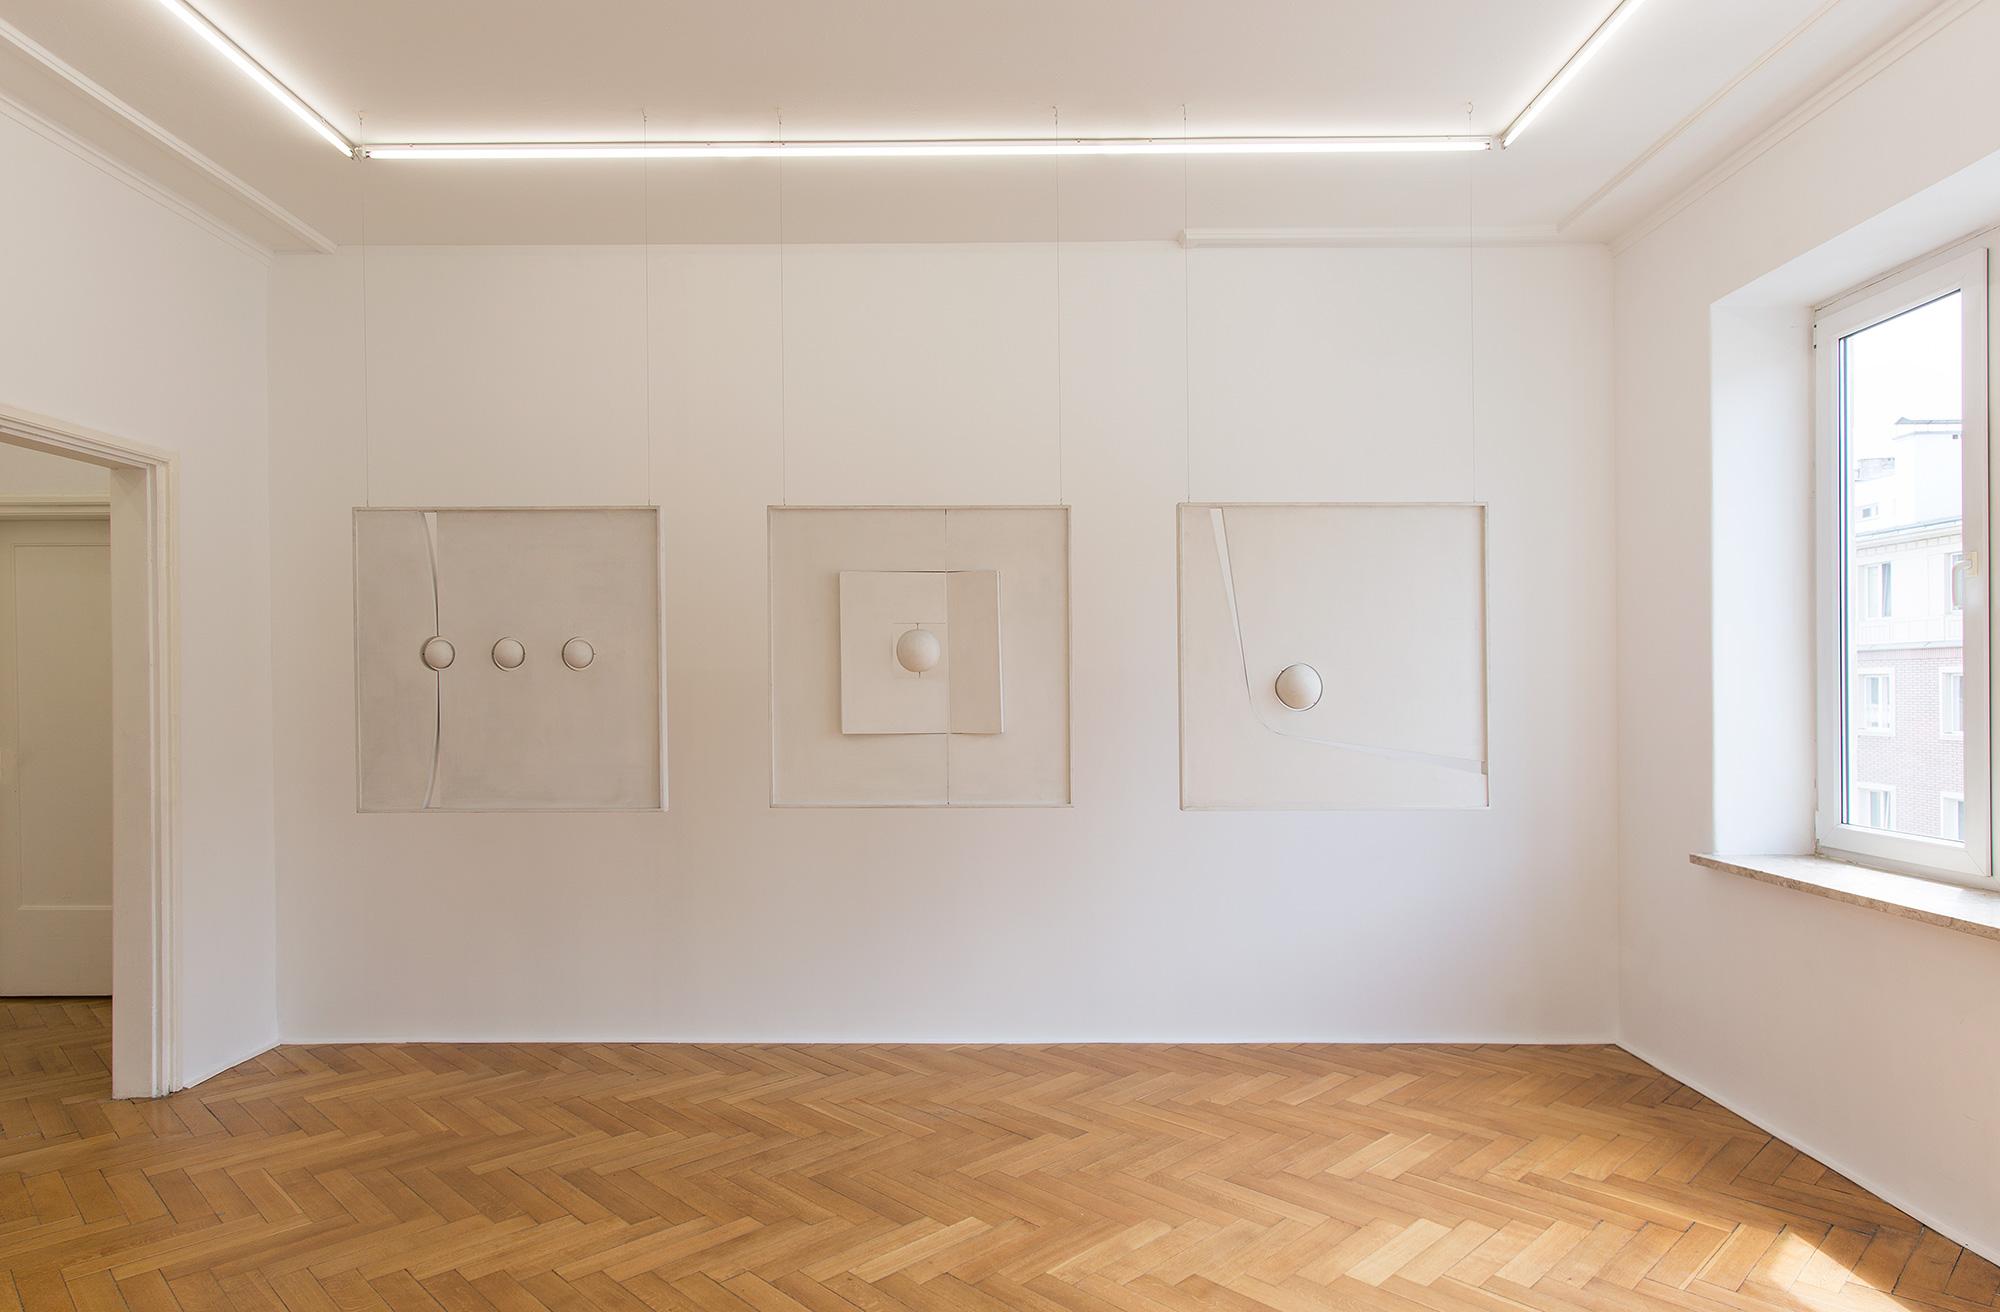 Ignacy Bogdanowicz. Krytycy, plastycy, Koszalin, widok nawystawę, galeria Kohana